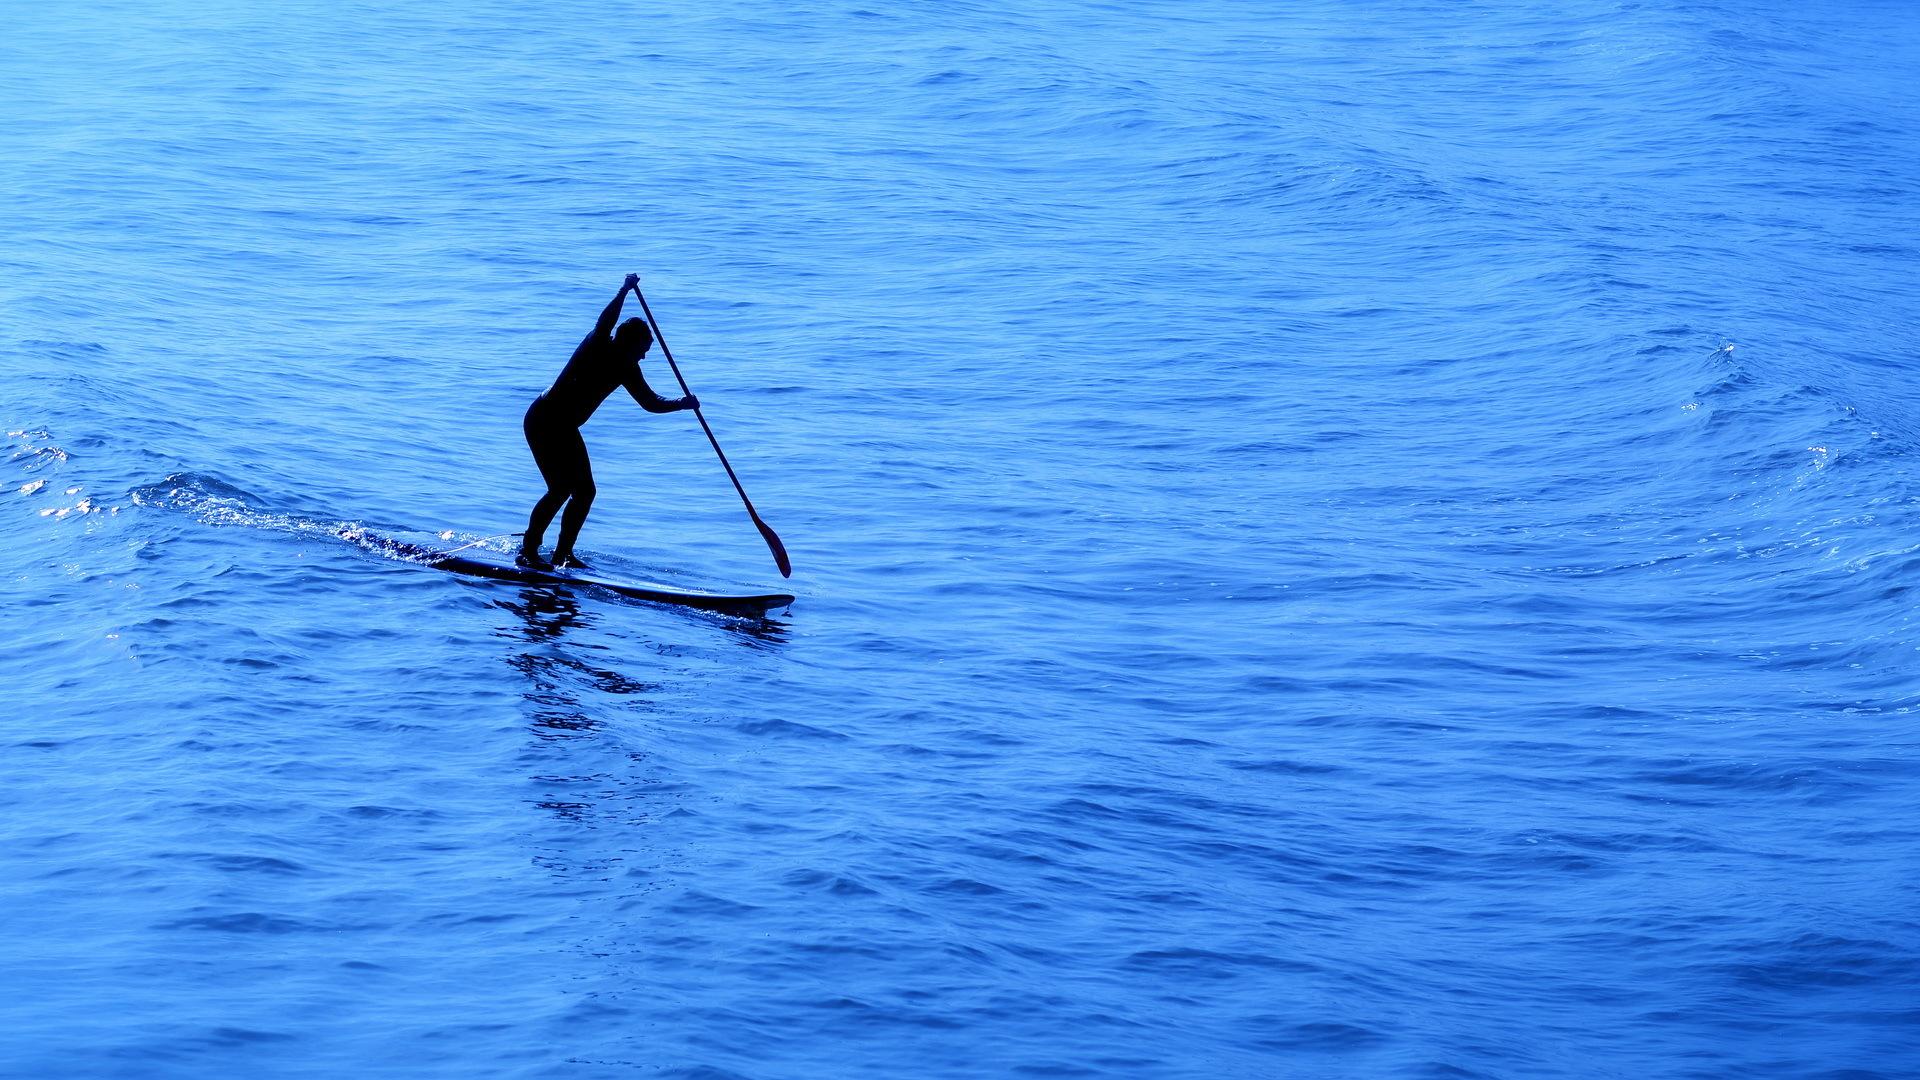 Deportes en el mar - 1920x1080